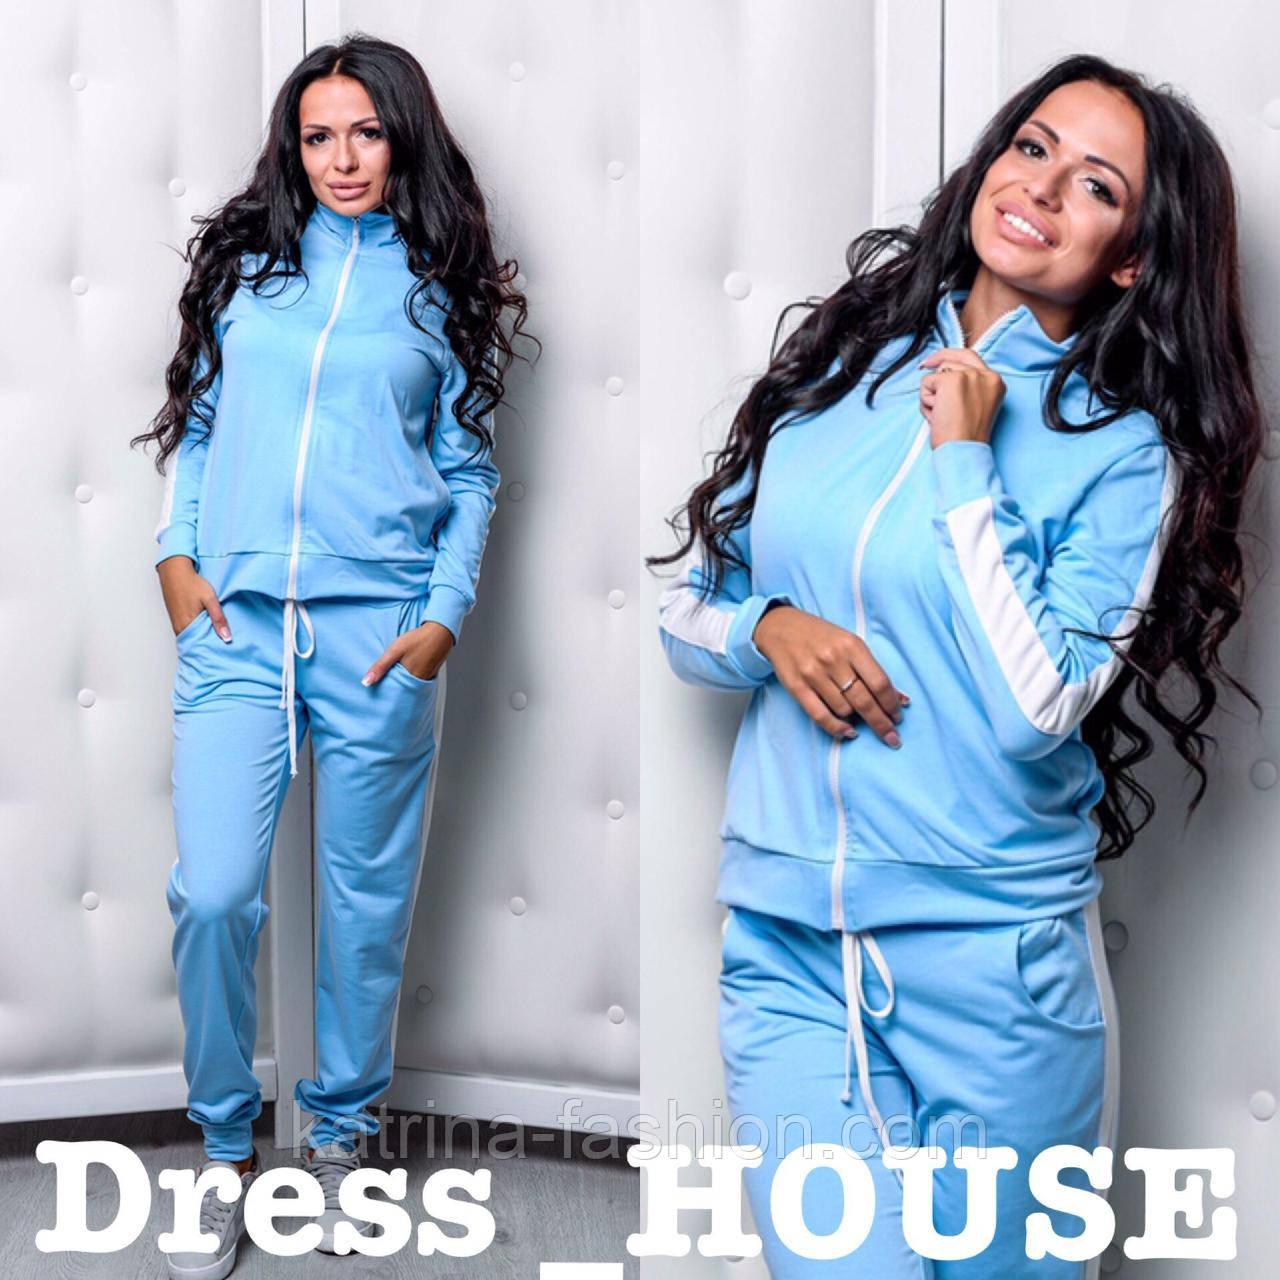 Женский стильный спортивный костюм с лампасами: мастерка и брюки (4 цвета)